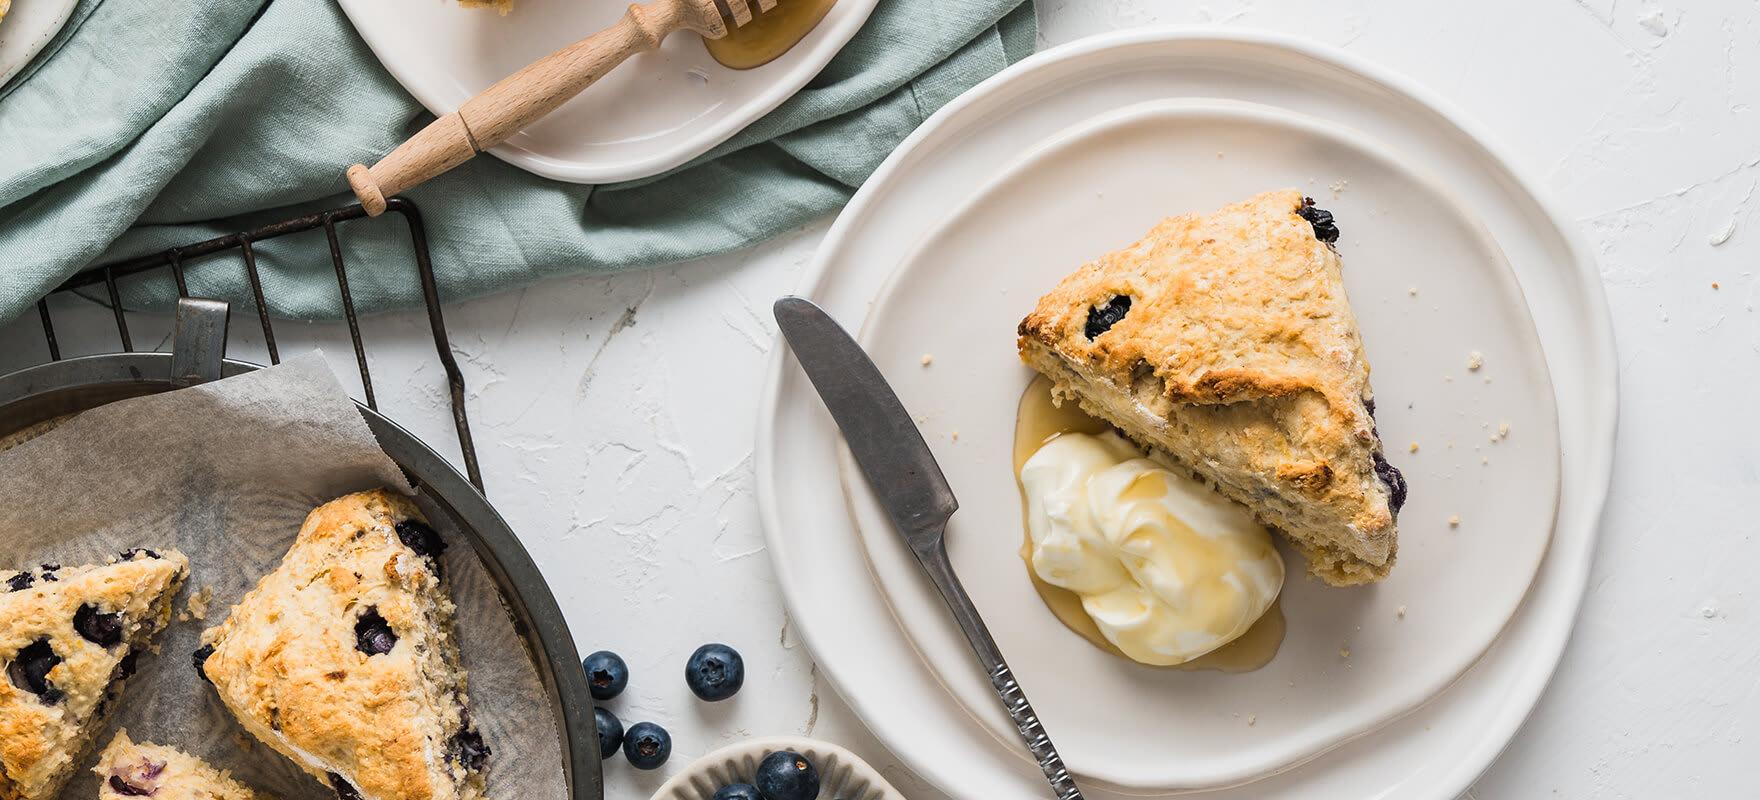 Blueberry scones image 1